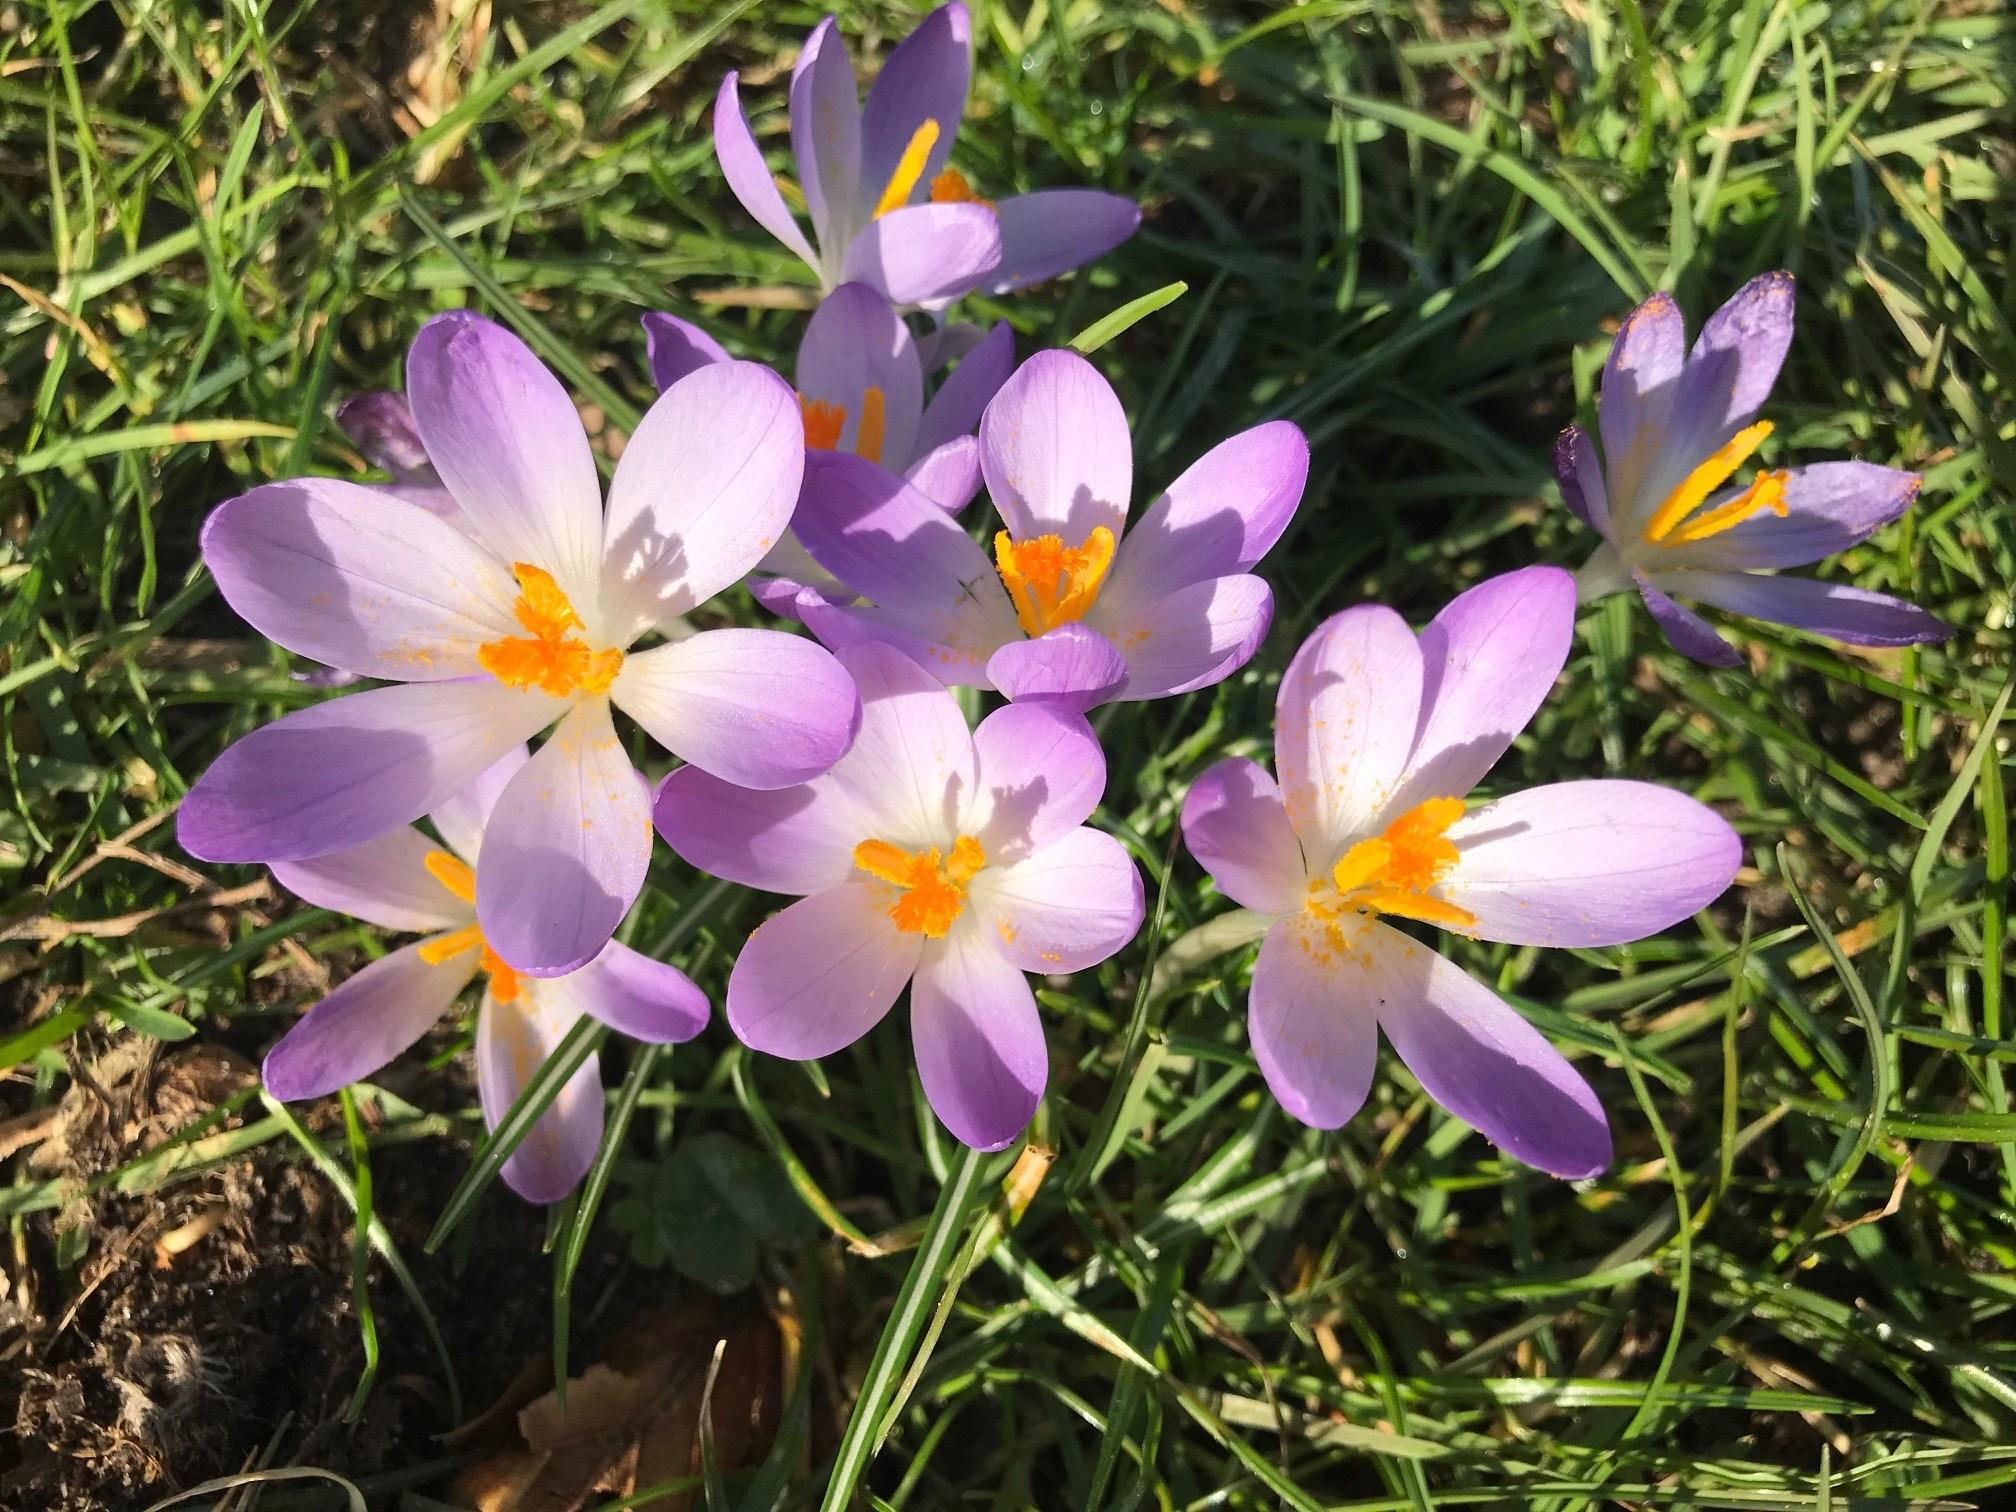 paarse krokussen in de maartse voorjaar zon.